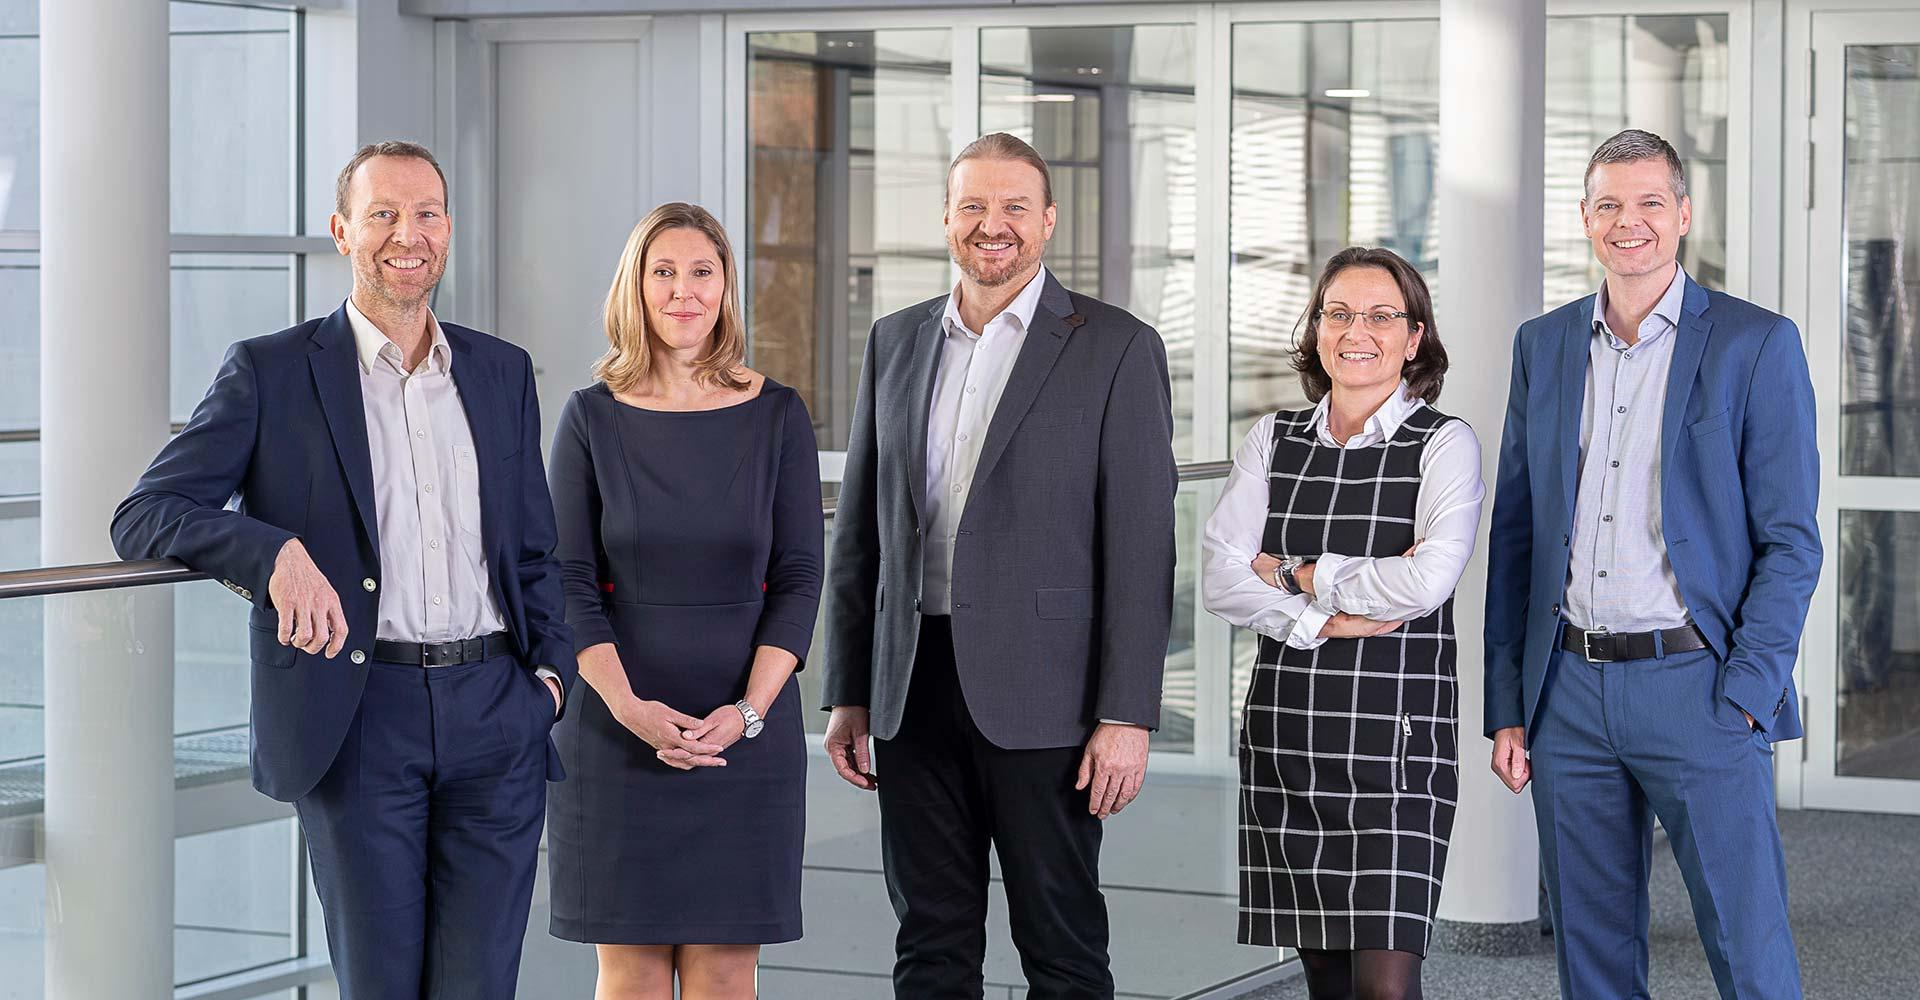 Gruppenbild mit der Geschäftsleitung von Oberpfalz Medien. Das Team auf dem Foto setzt sich aus zwei Frauen und drei Männern zusammen.